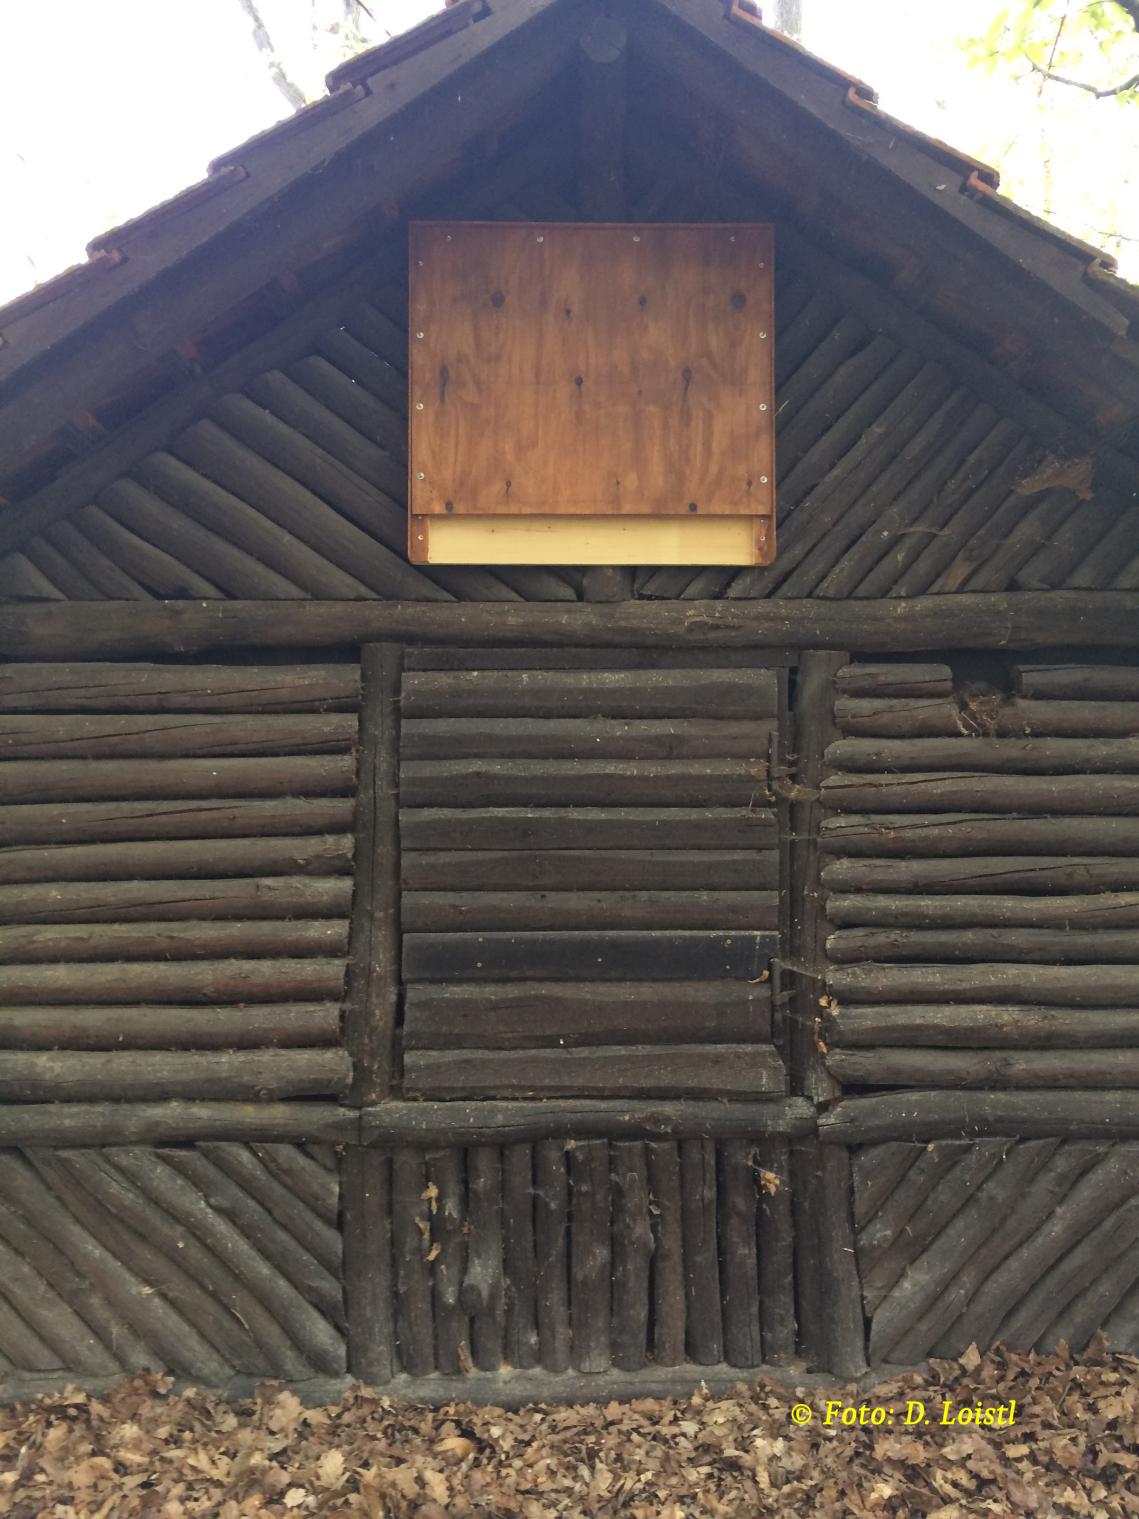 Fledermausunterkunft an der Rückseite der Hütte